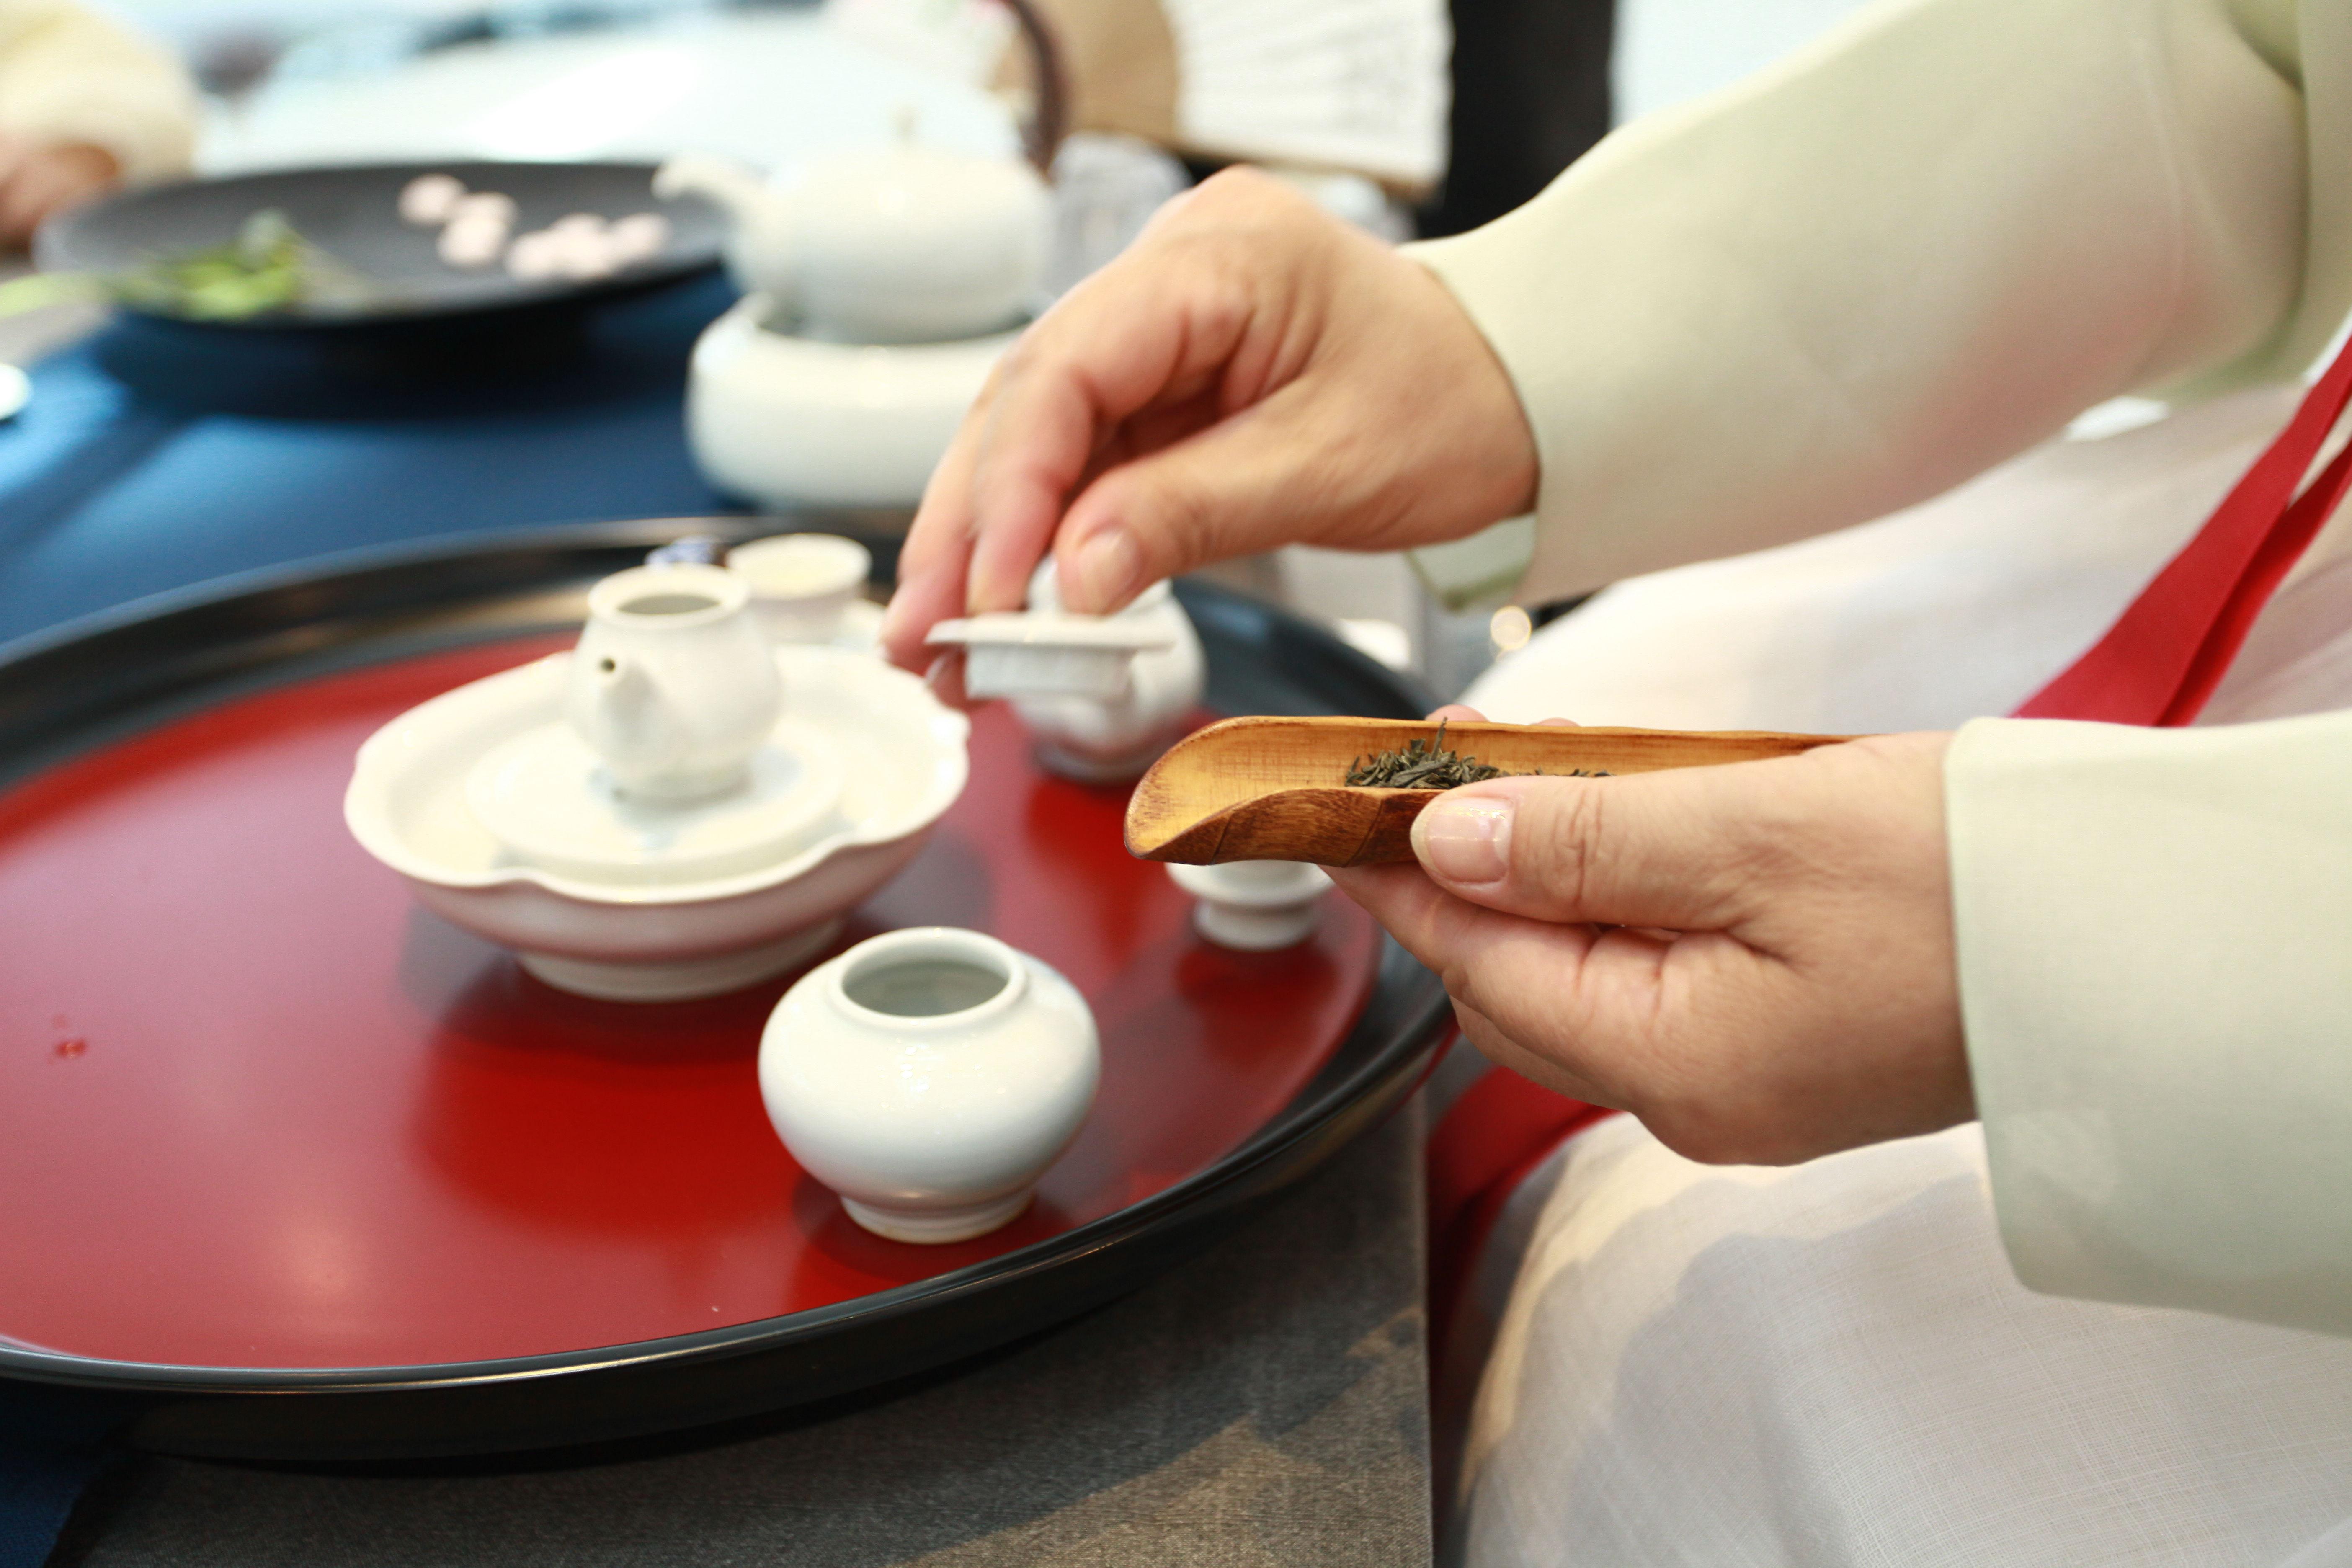 茗享滨城 | 第3届大连茶博会即将开幕